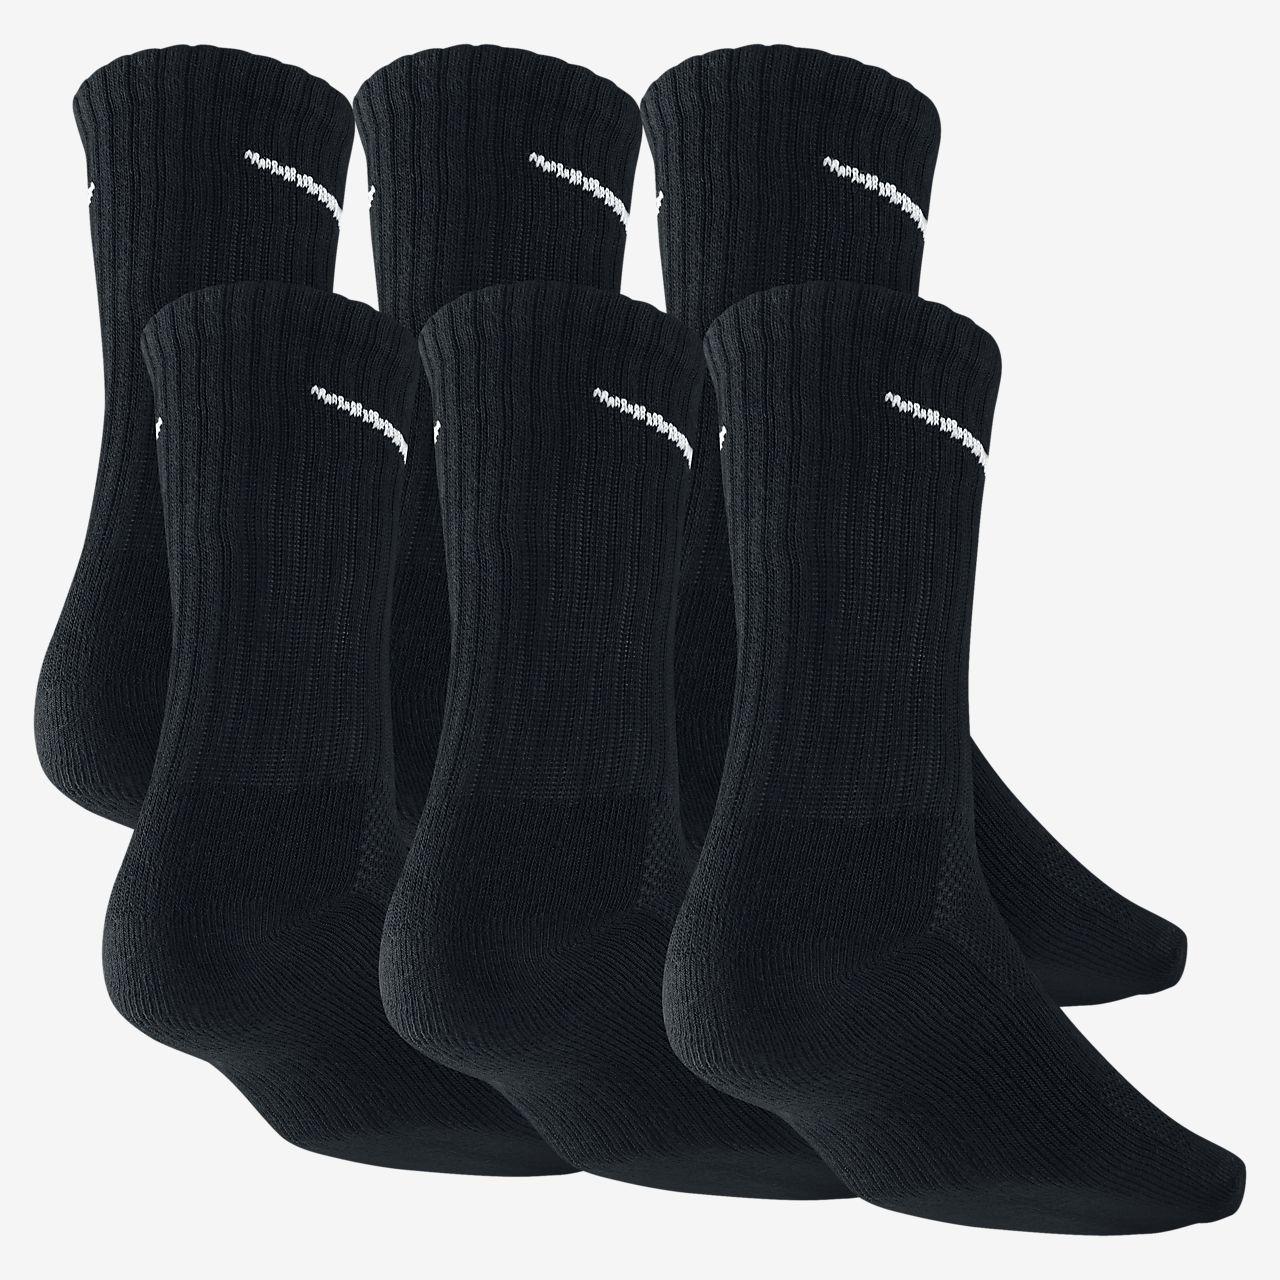 vente boutique Nike Dri-fit Chaussettes De L'équipage Mens Rembourrés - 6 Paires De Jordans remises en vente autorisation de sortie sortie 2015 v9xzF1